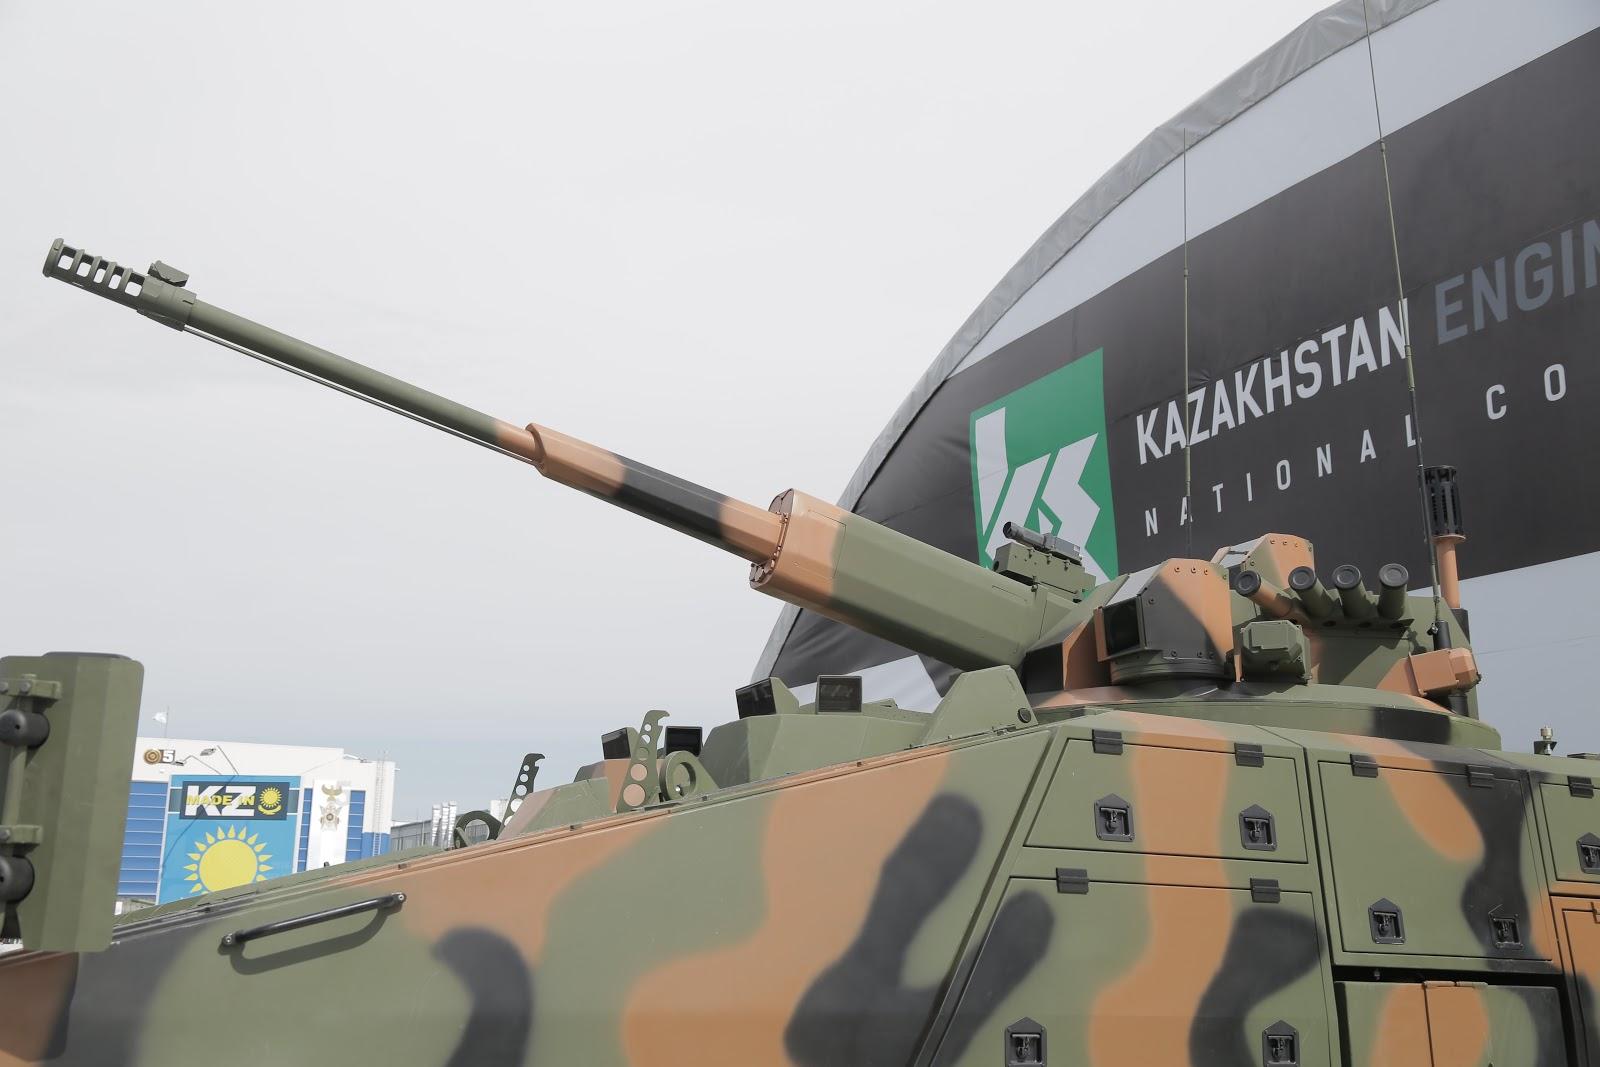 Бронированная машина Paramount Mbombe 8 с колесной формулой 8х8, оснащенная боевым модулем АУ-220М российского АО «ЦНИИ «Буревестник» с 57-мм автоматической пушкой, в экспозиции выставки KADEX-2016. Астана, июнь 2016 года.